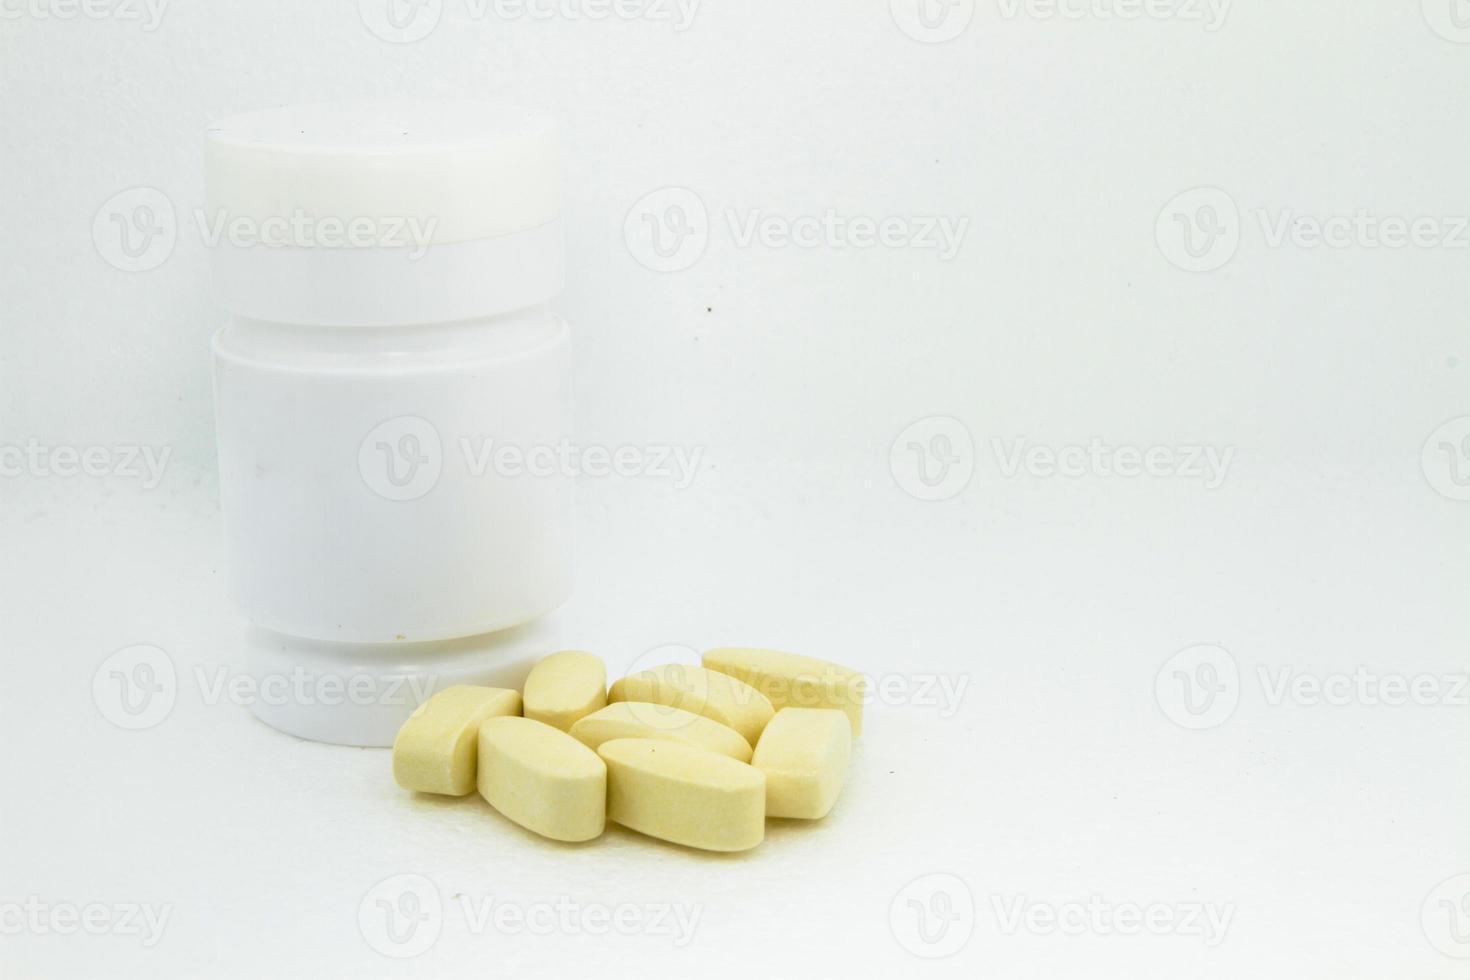 medicamento amarelo foto